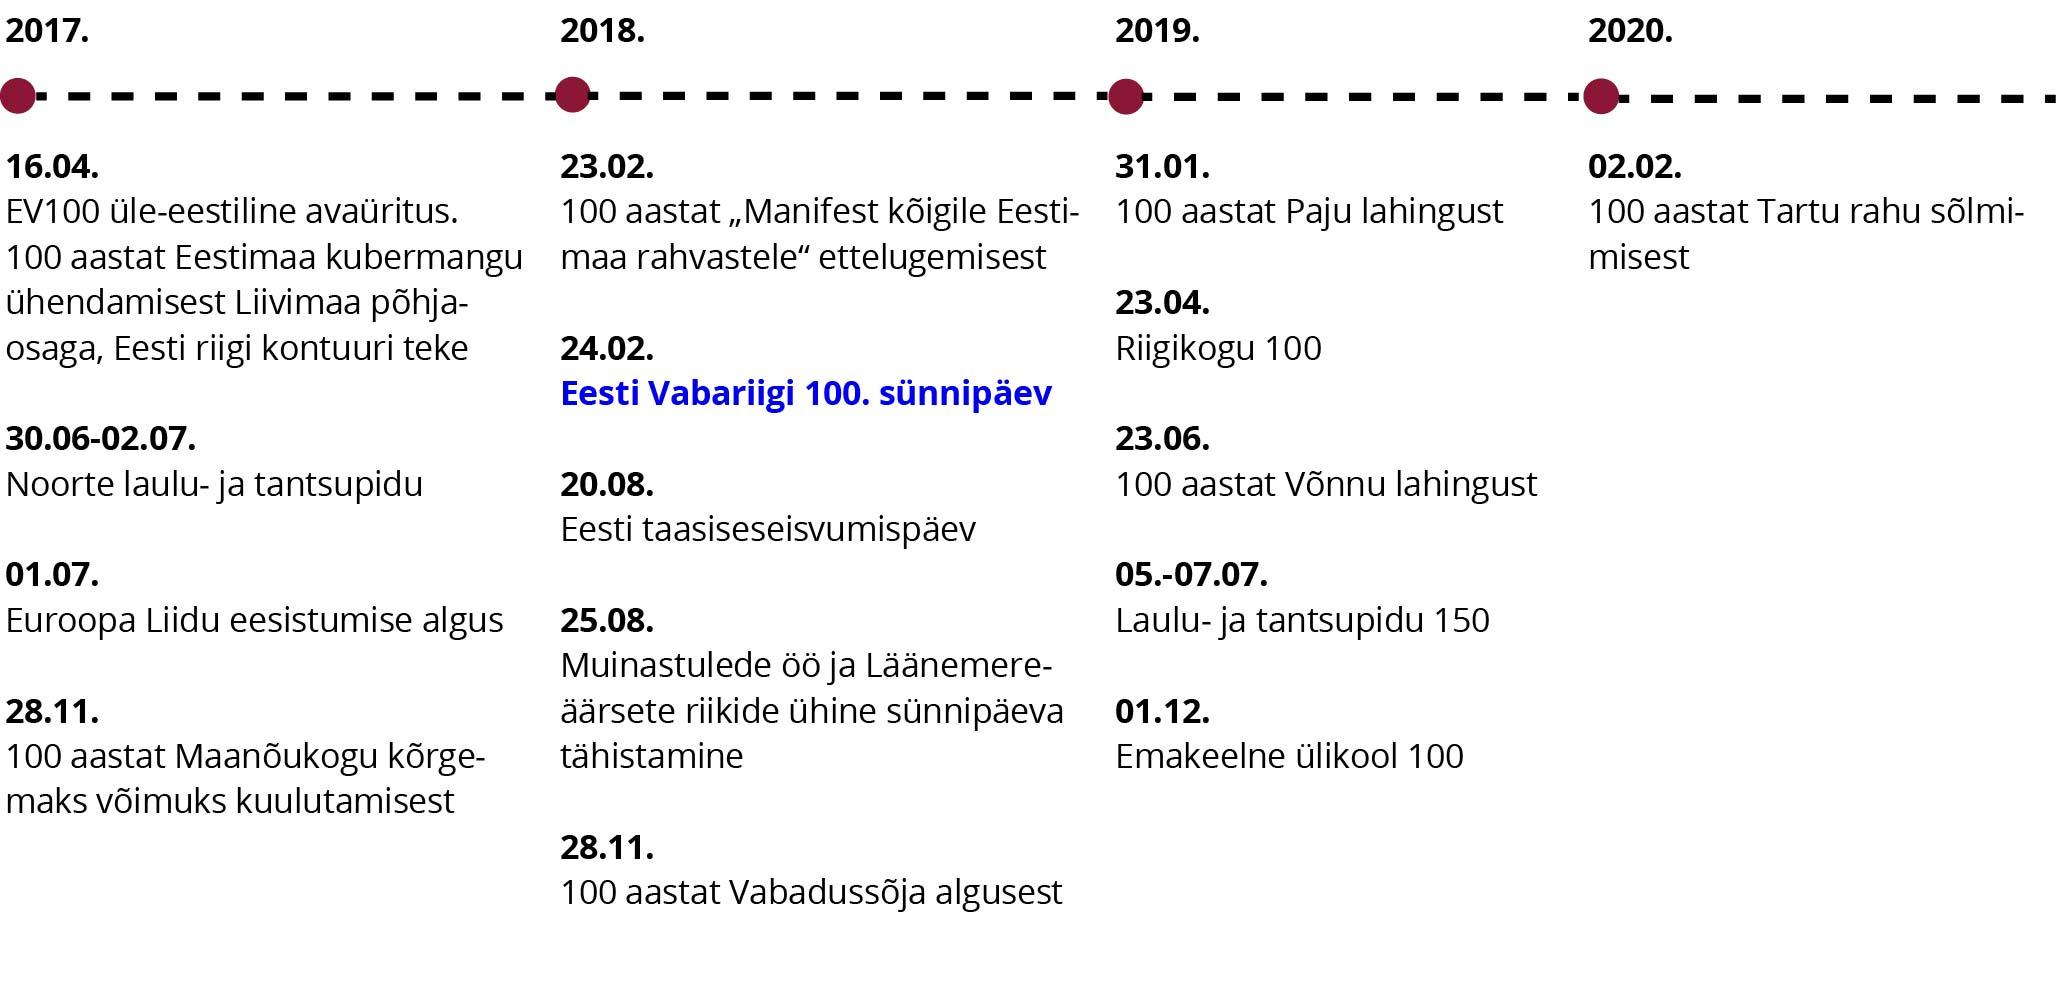 JOONIS 1. Olulisemad tähtpäevad Eesti Vabariik 100 perioodil. Allikas: Riigikantselei